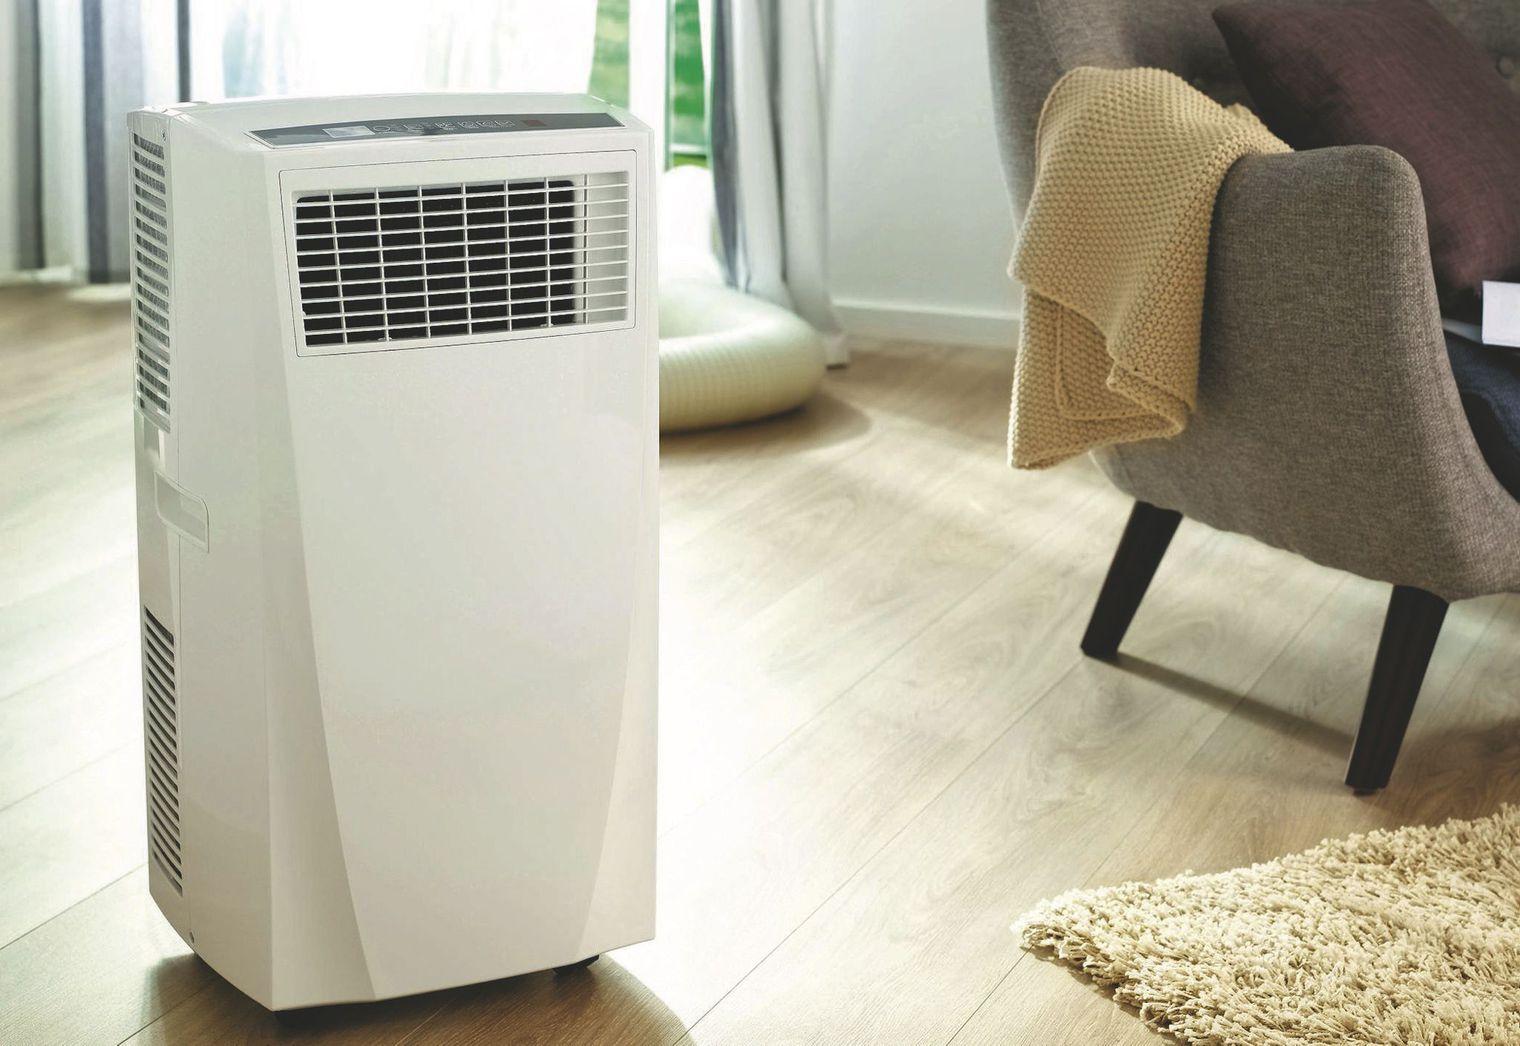 Classement guide d achat top climatiseurs mobiles 2019 - Mini climatiseur pour chambre ...